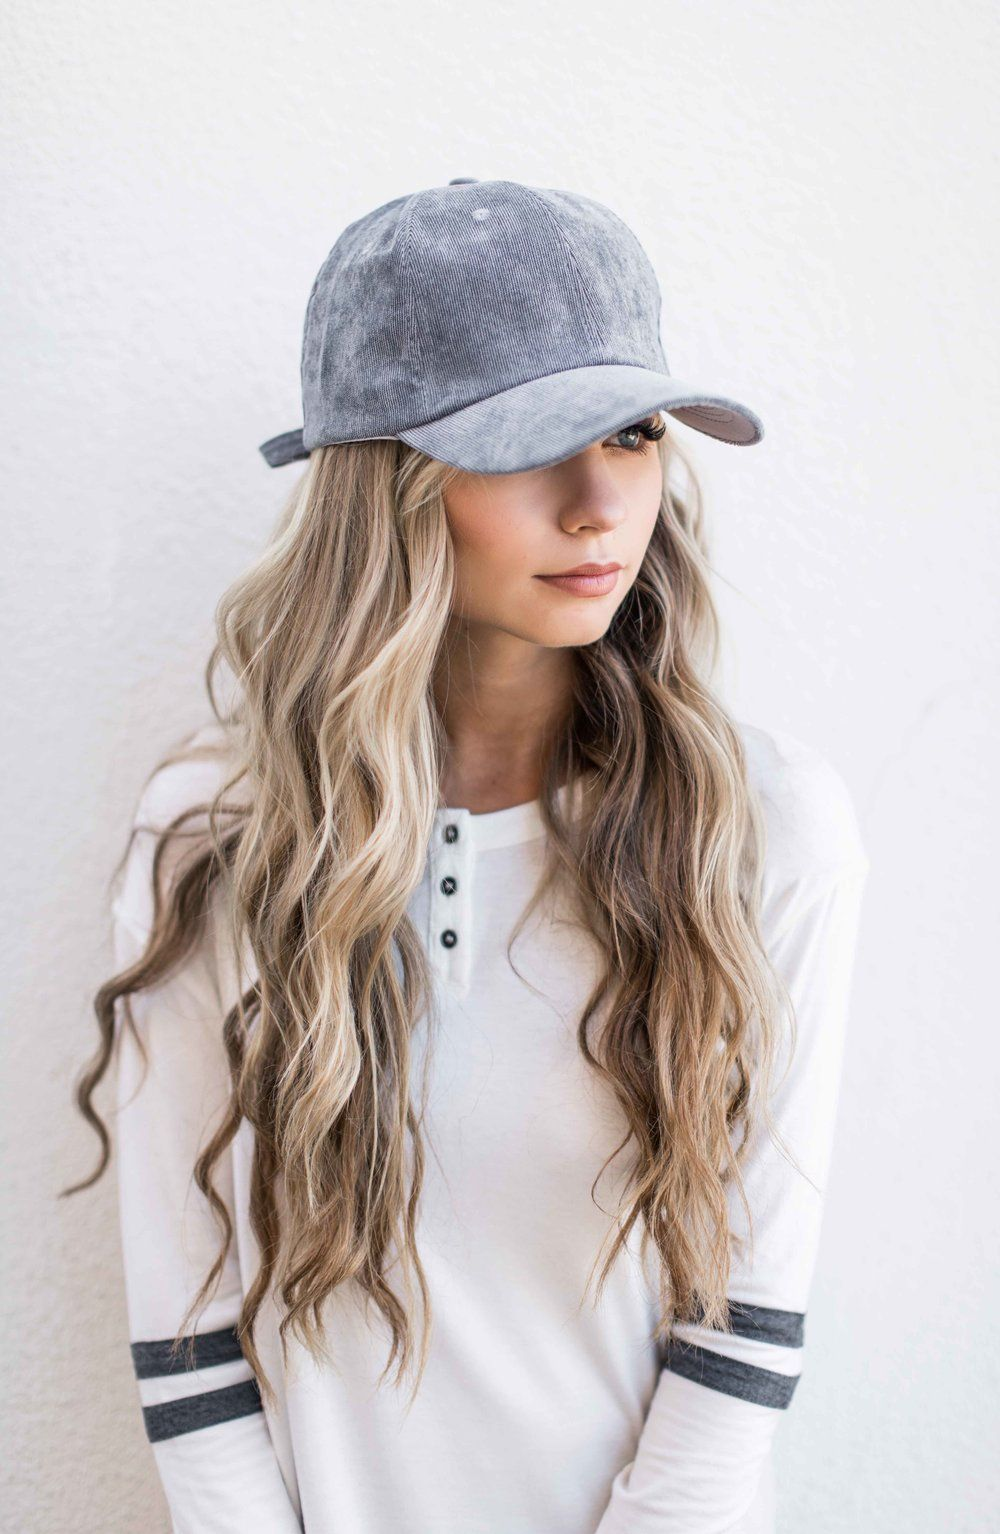 Gray Suede Baseball Cap Baseball Cap Varsity Stripe Shirt Blonde Hair Wavy Hair Fashion